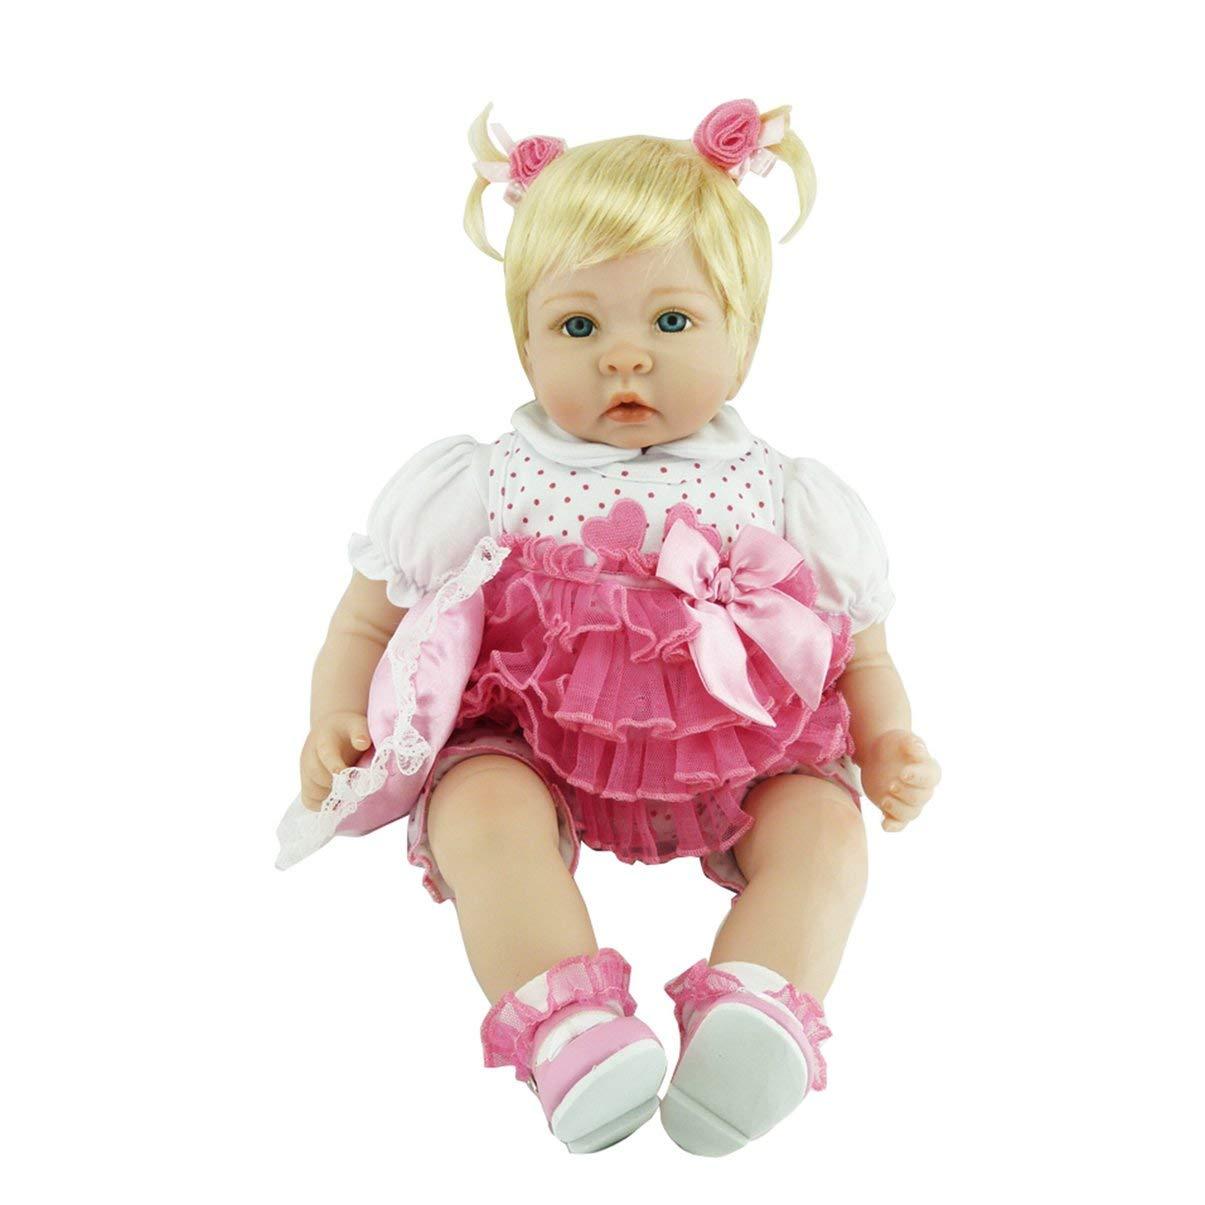 JullyeleDEgant 50 cm Handmade Babe Babe Babe Reborn Baby Puppe Voller Körper Weiche Silikon Vinyl Baby Puppe ungiftig Sicheres Spielzeug Lebensechte Newborn Baby Puppe Spielzeug d250eb